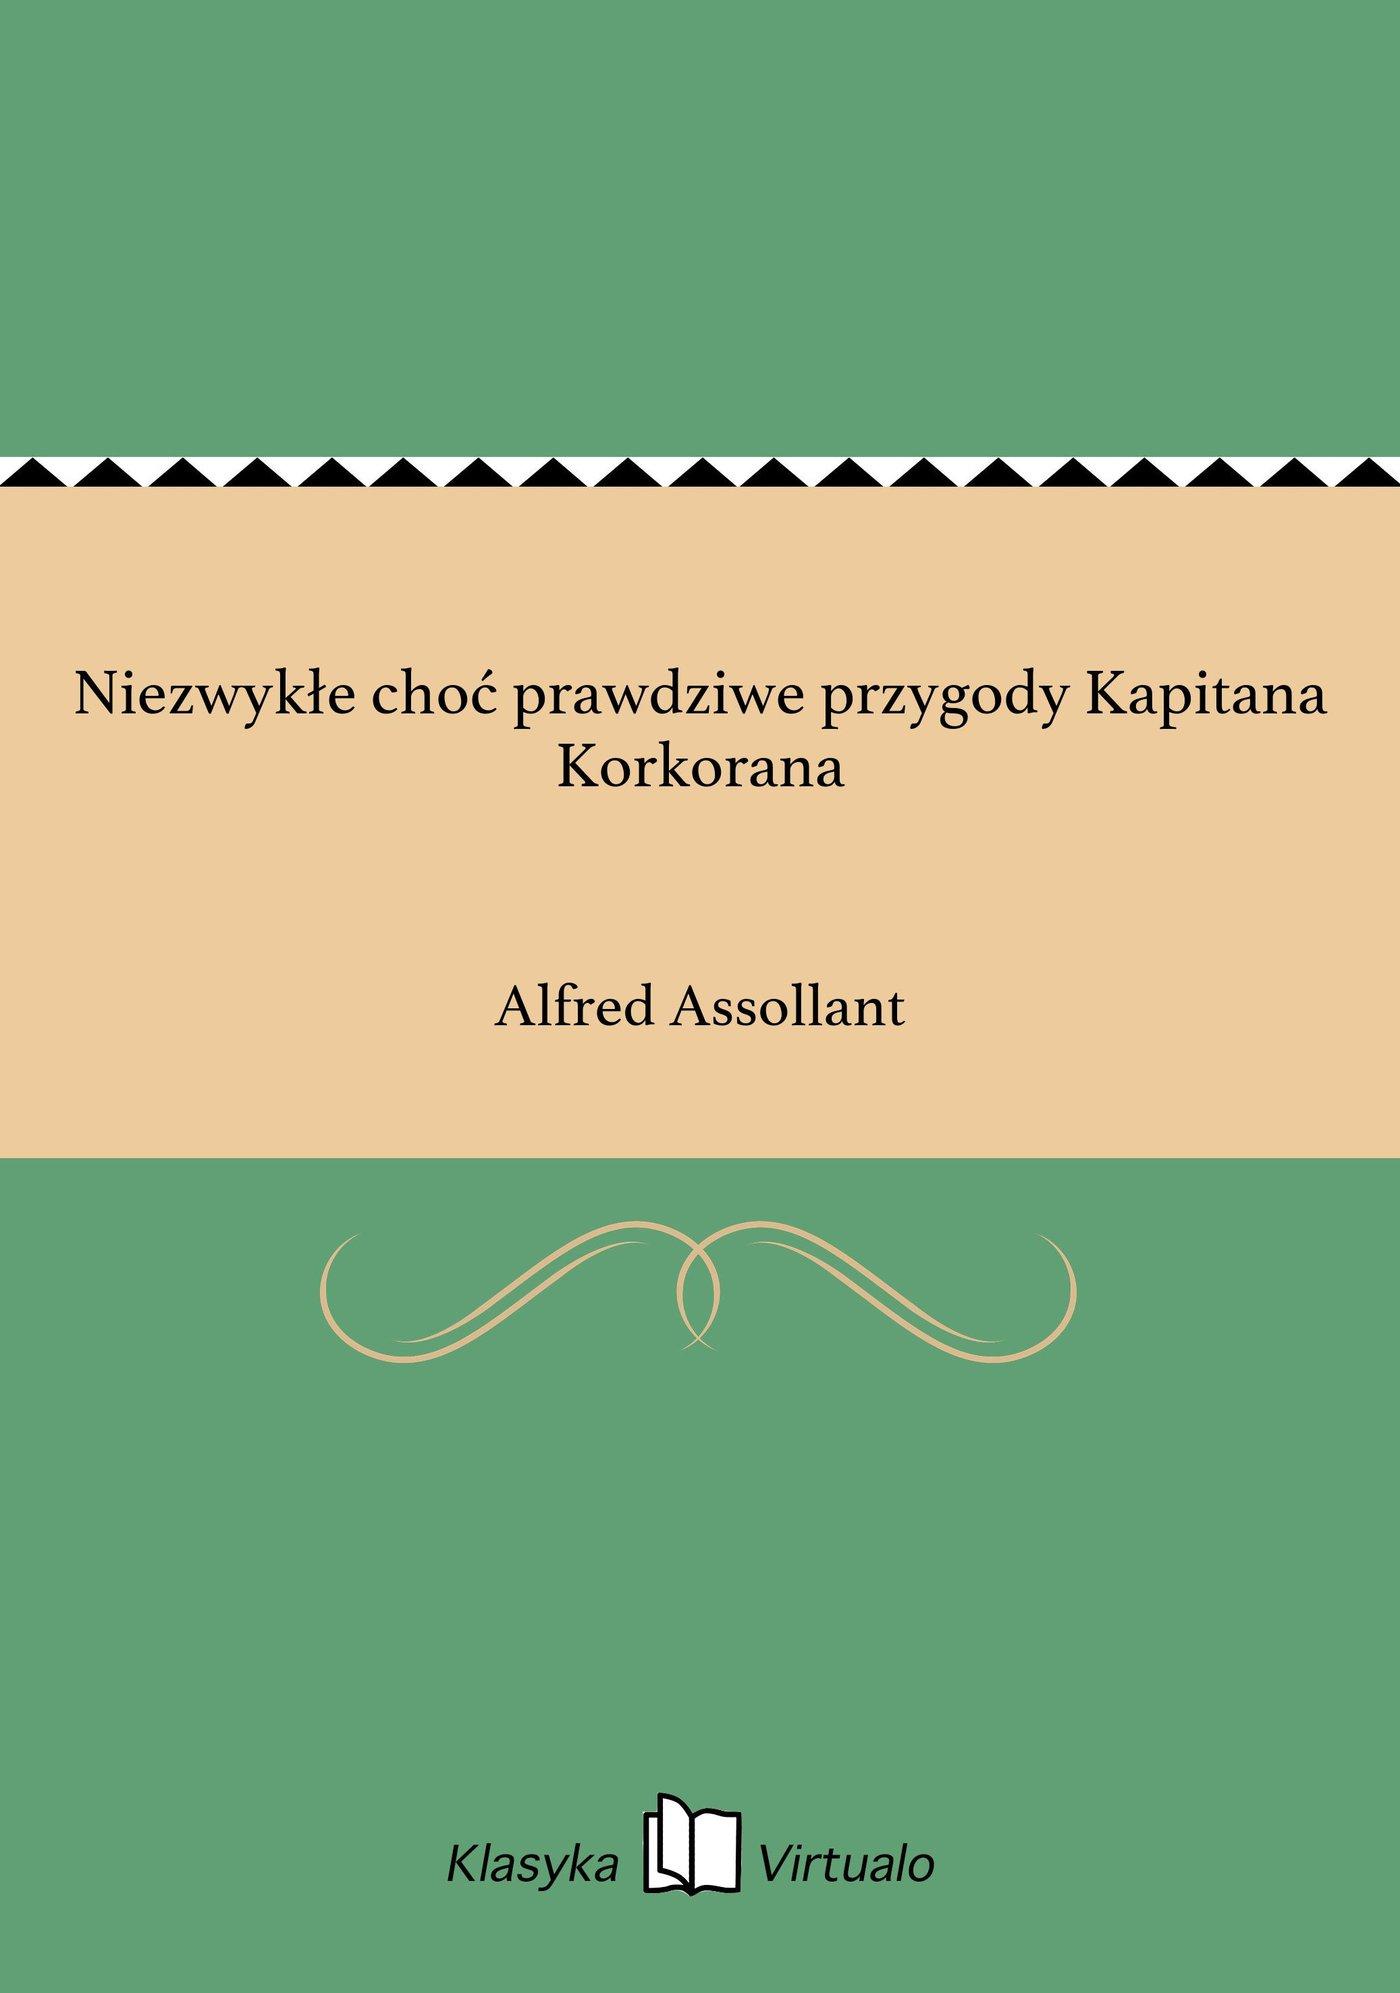 Niezwykłe choć prawdziwe przygody Kapitana Korkorana - Ebook (Książka na Kindle) do pobrania w formacie MOBI